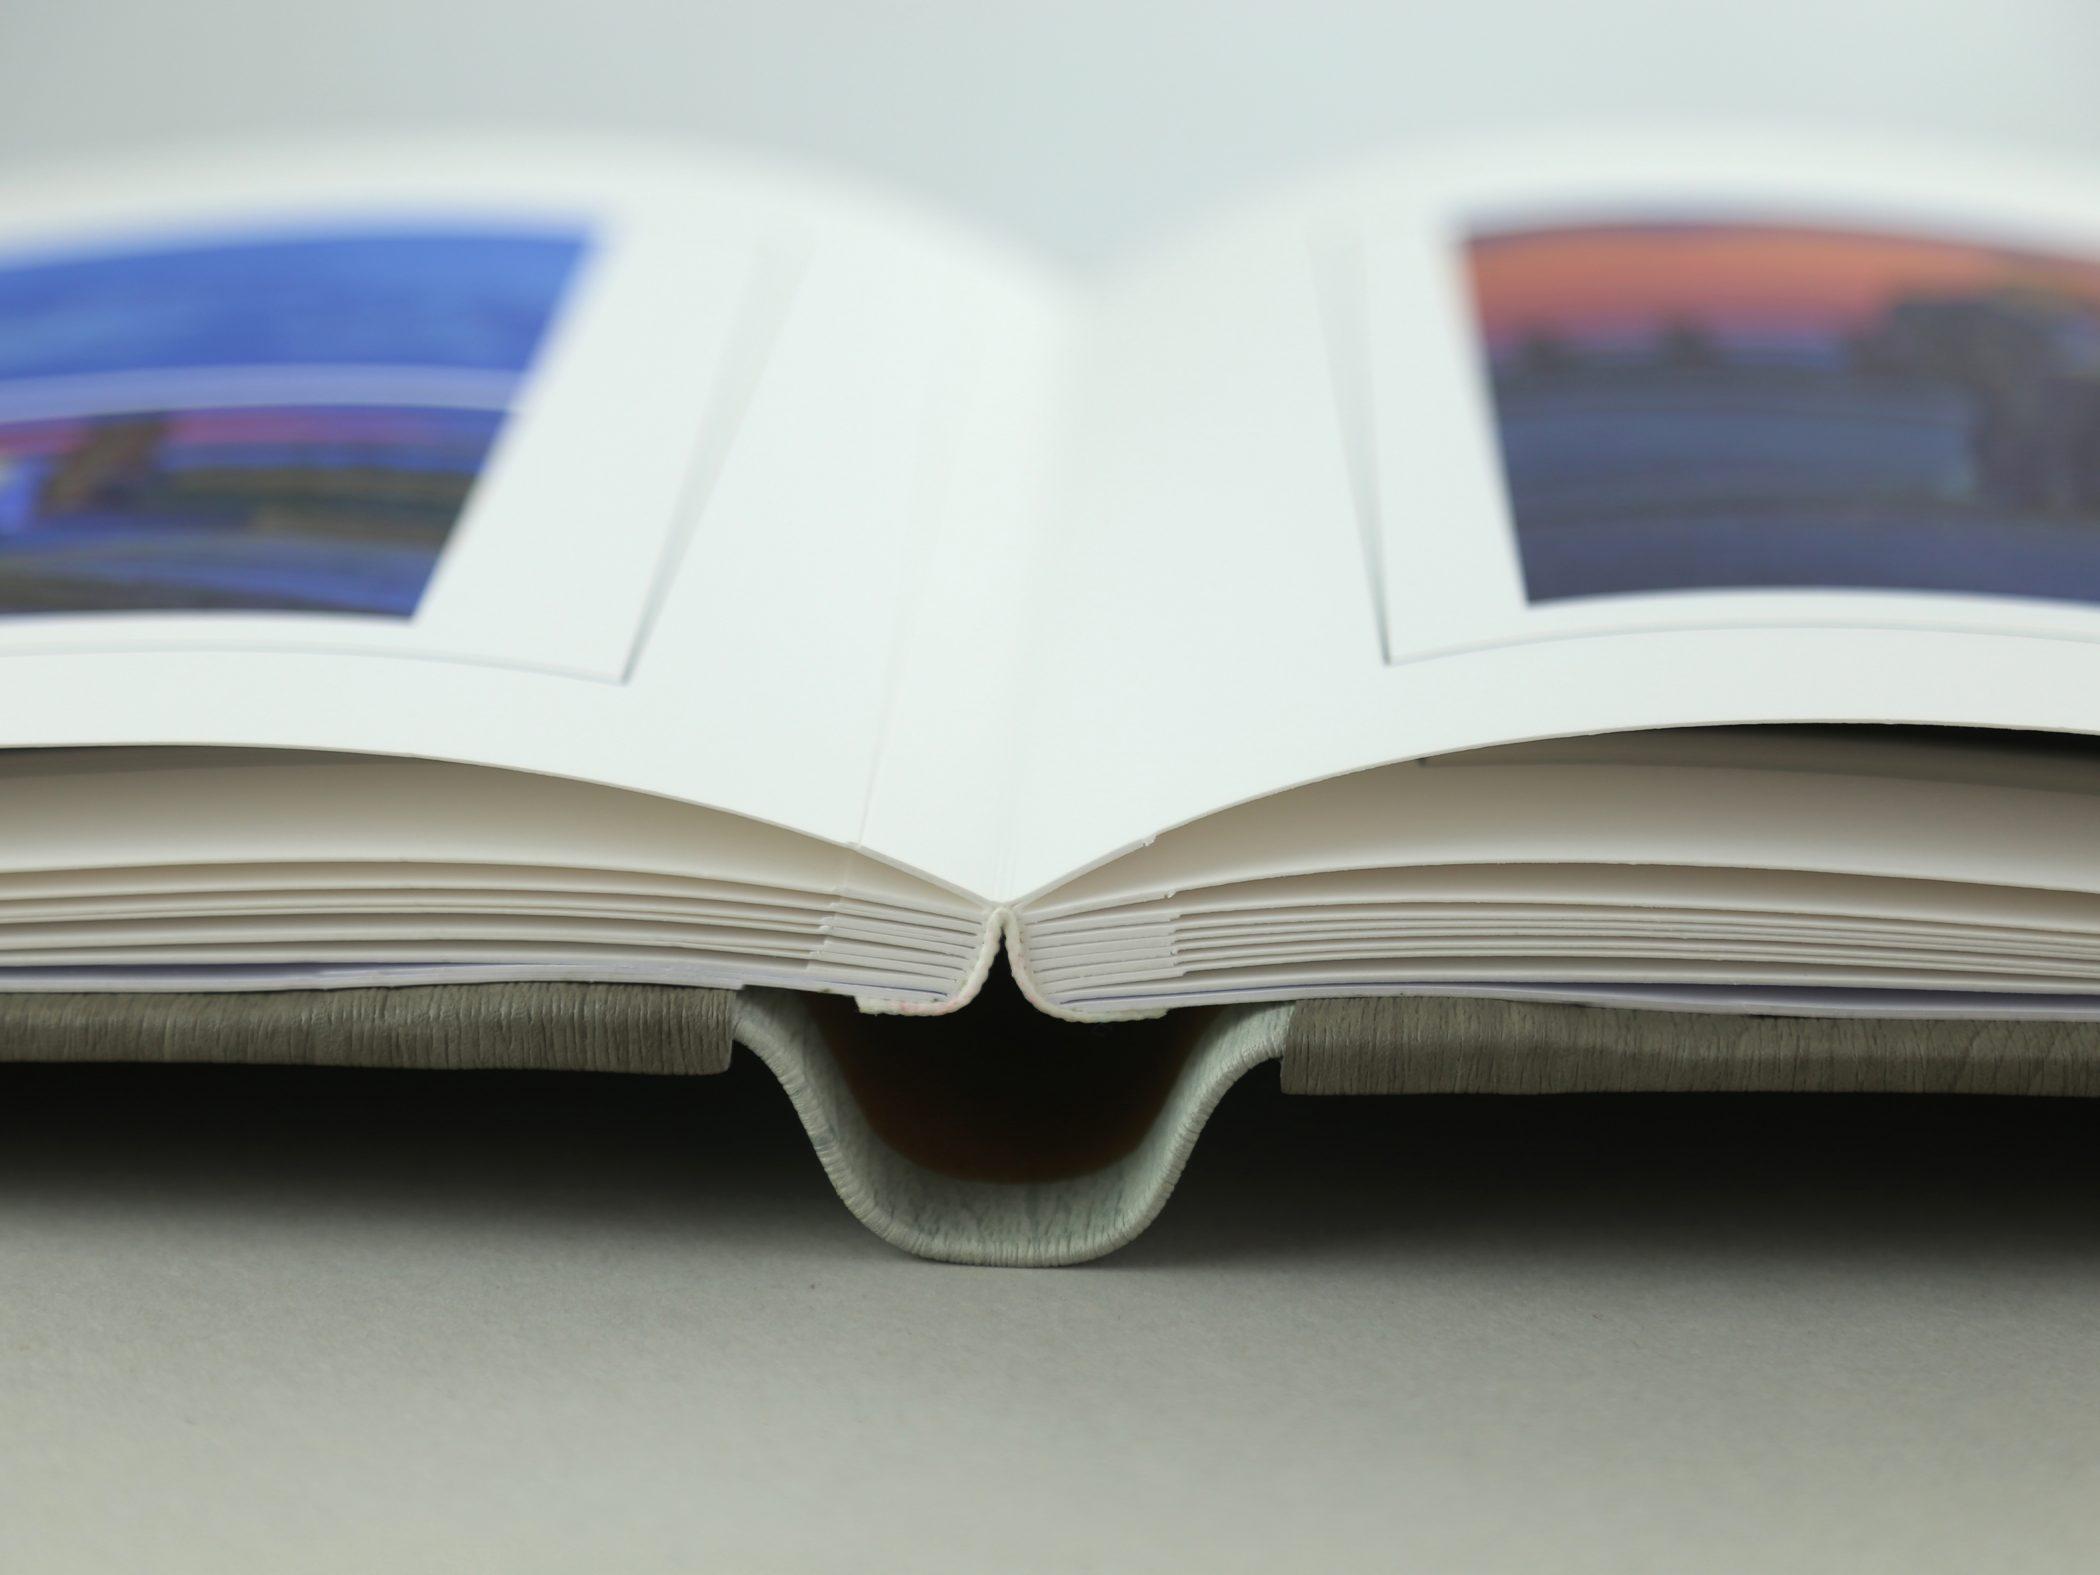 Album fineart/Louvre - album fotografici artigianali realizzati da TiCi